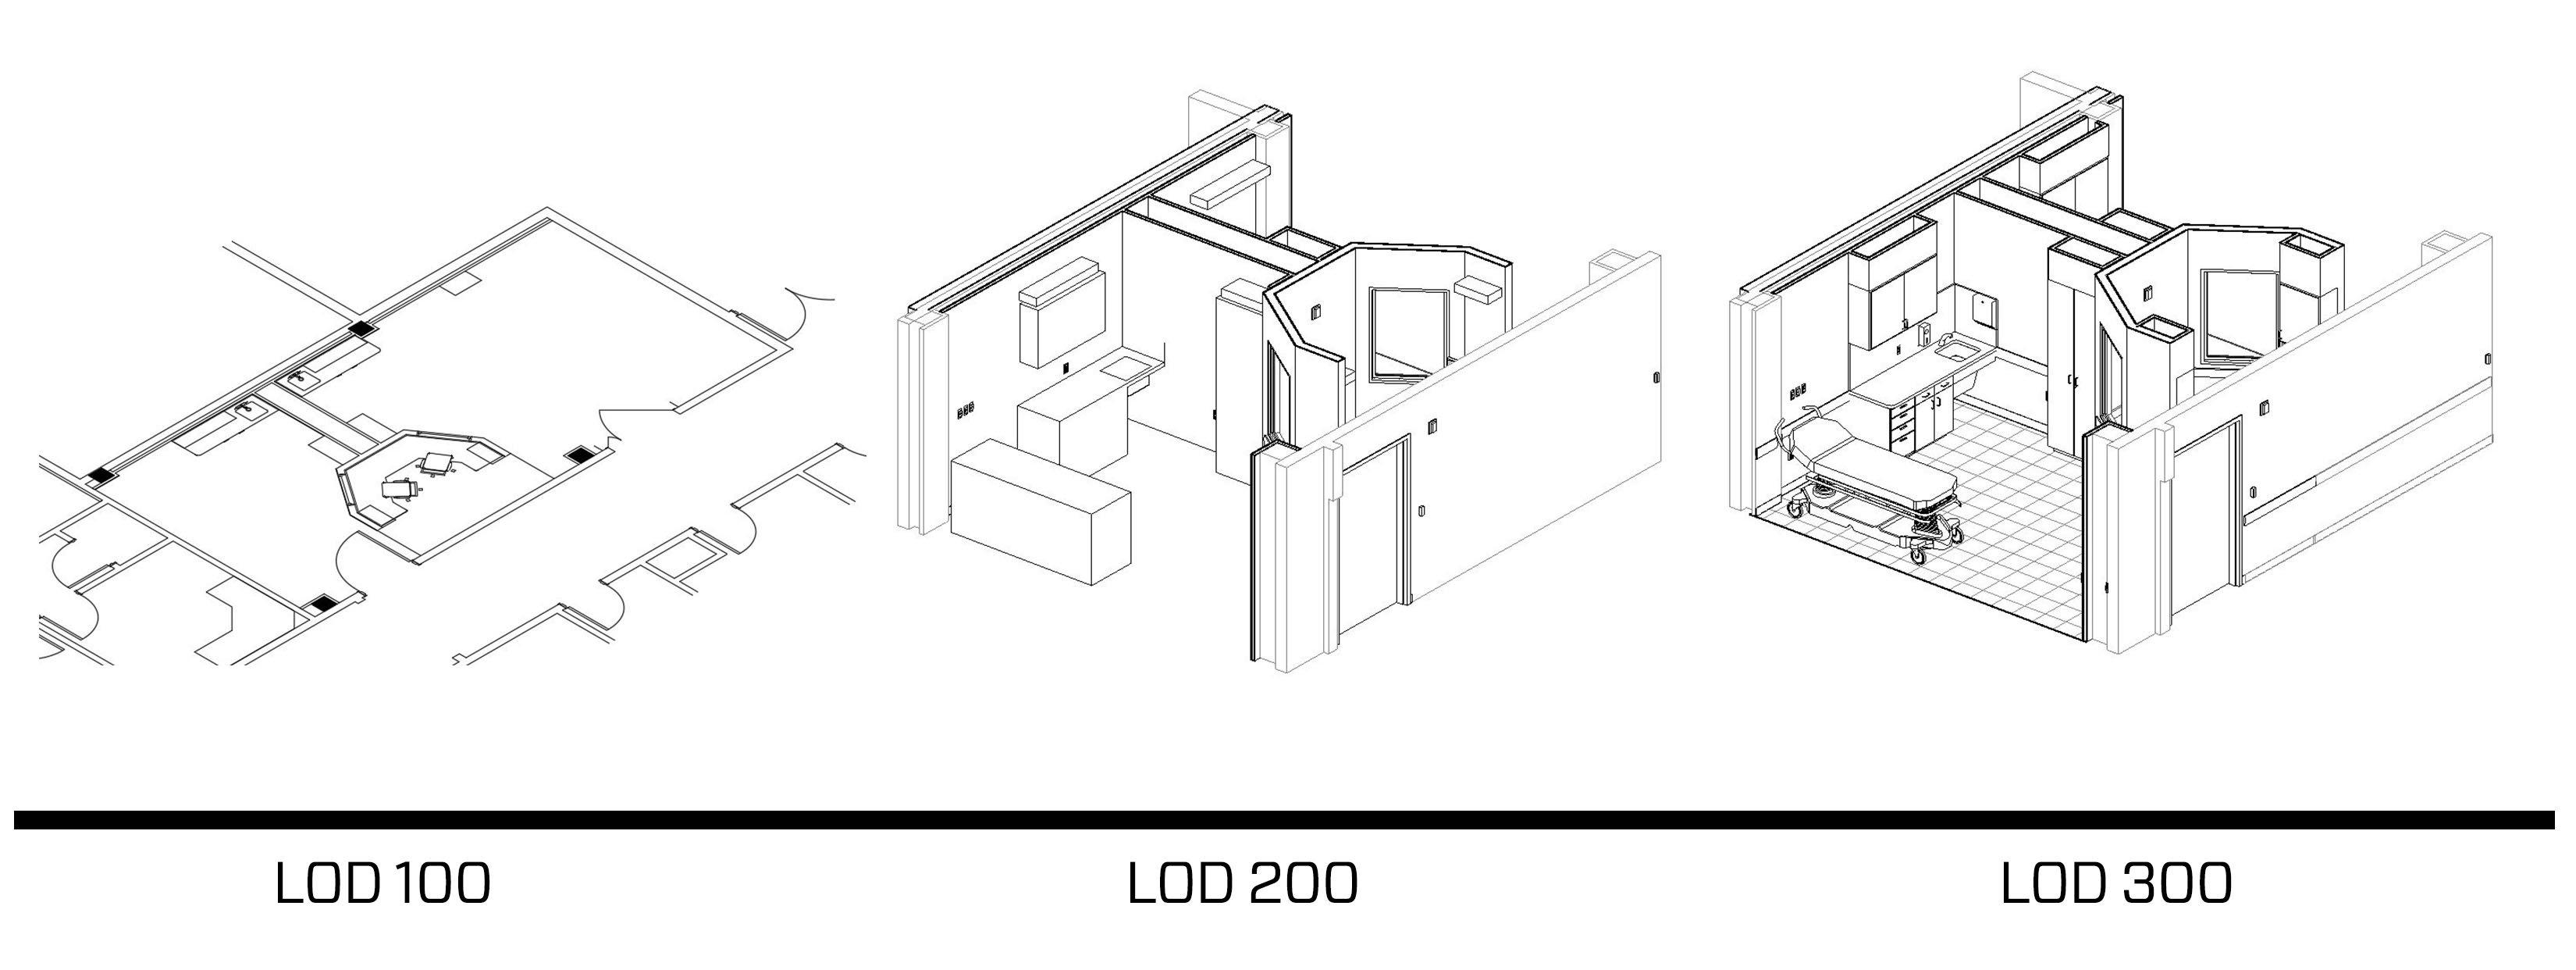 Revit LOD & Contracts-pics